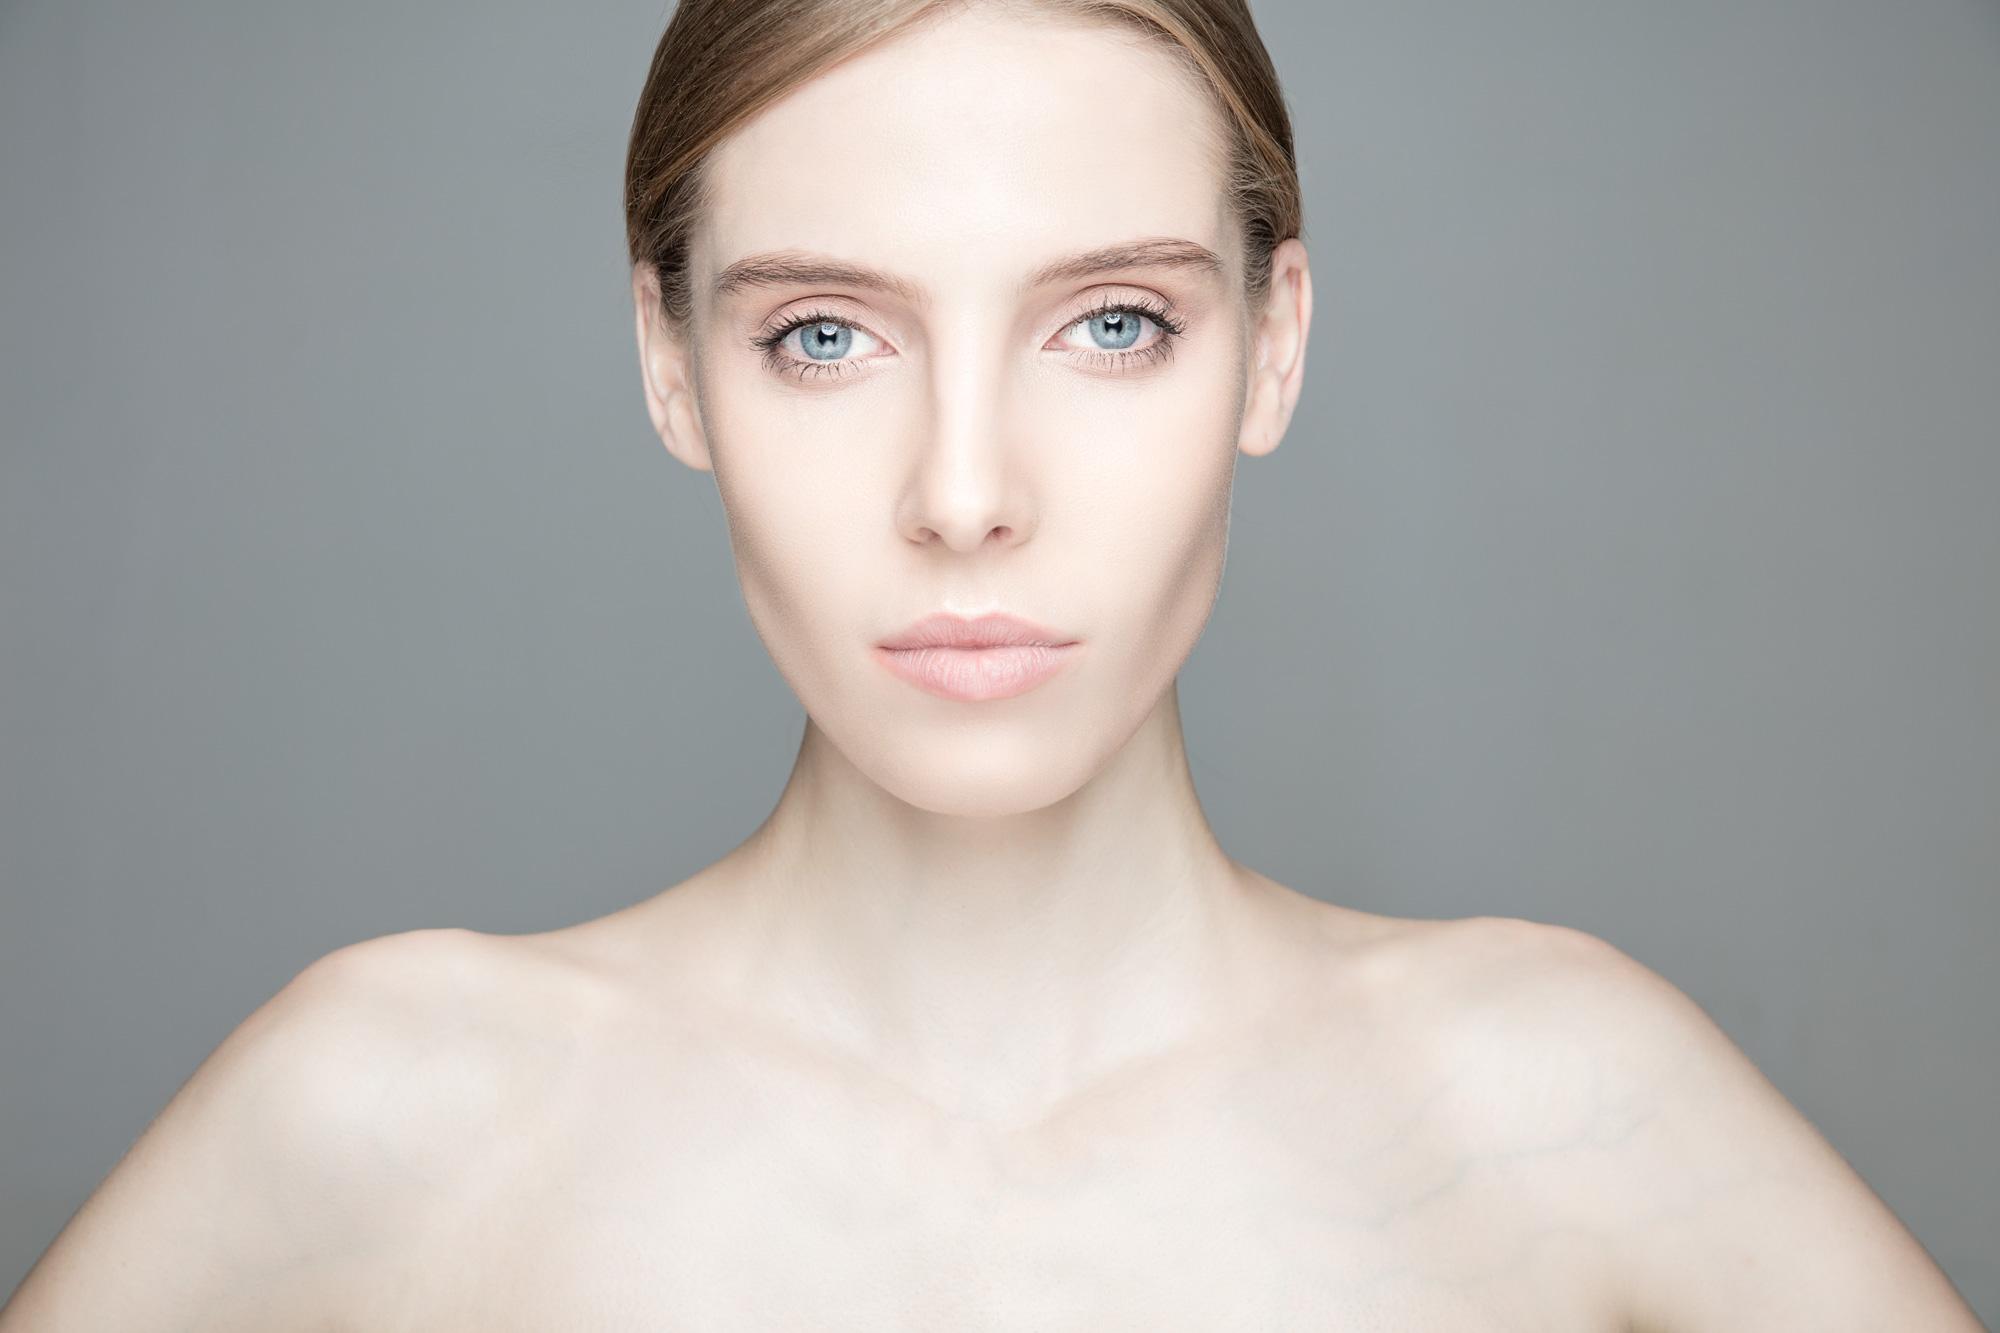 Understanding Beauty Lighting With Joel Grimes